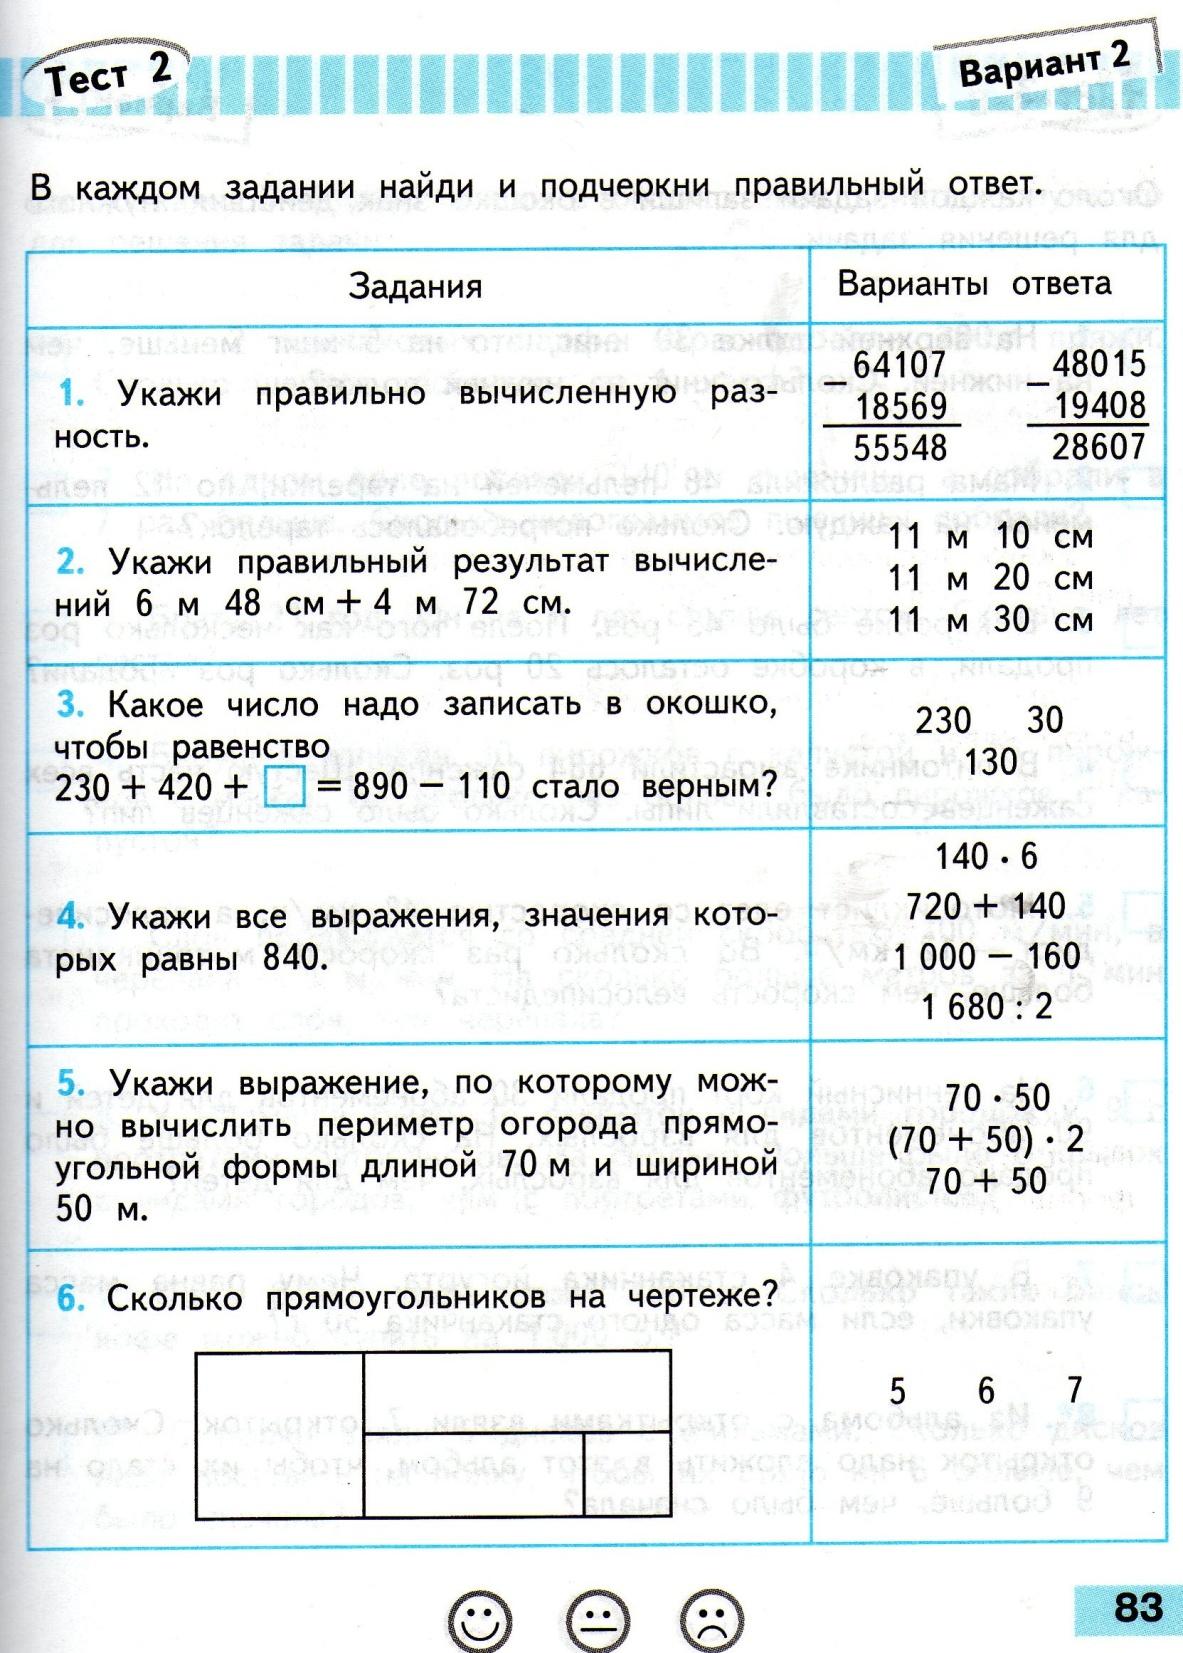 C:\Documents and Settings\Admin\Мои документы\Мои рисунки\1582.jpg